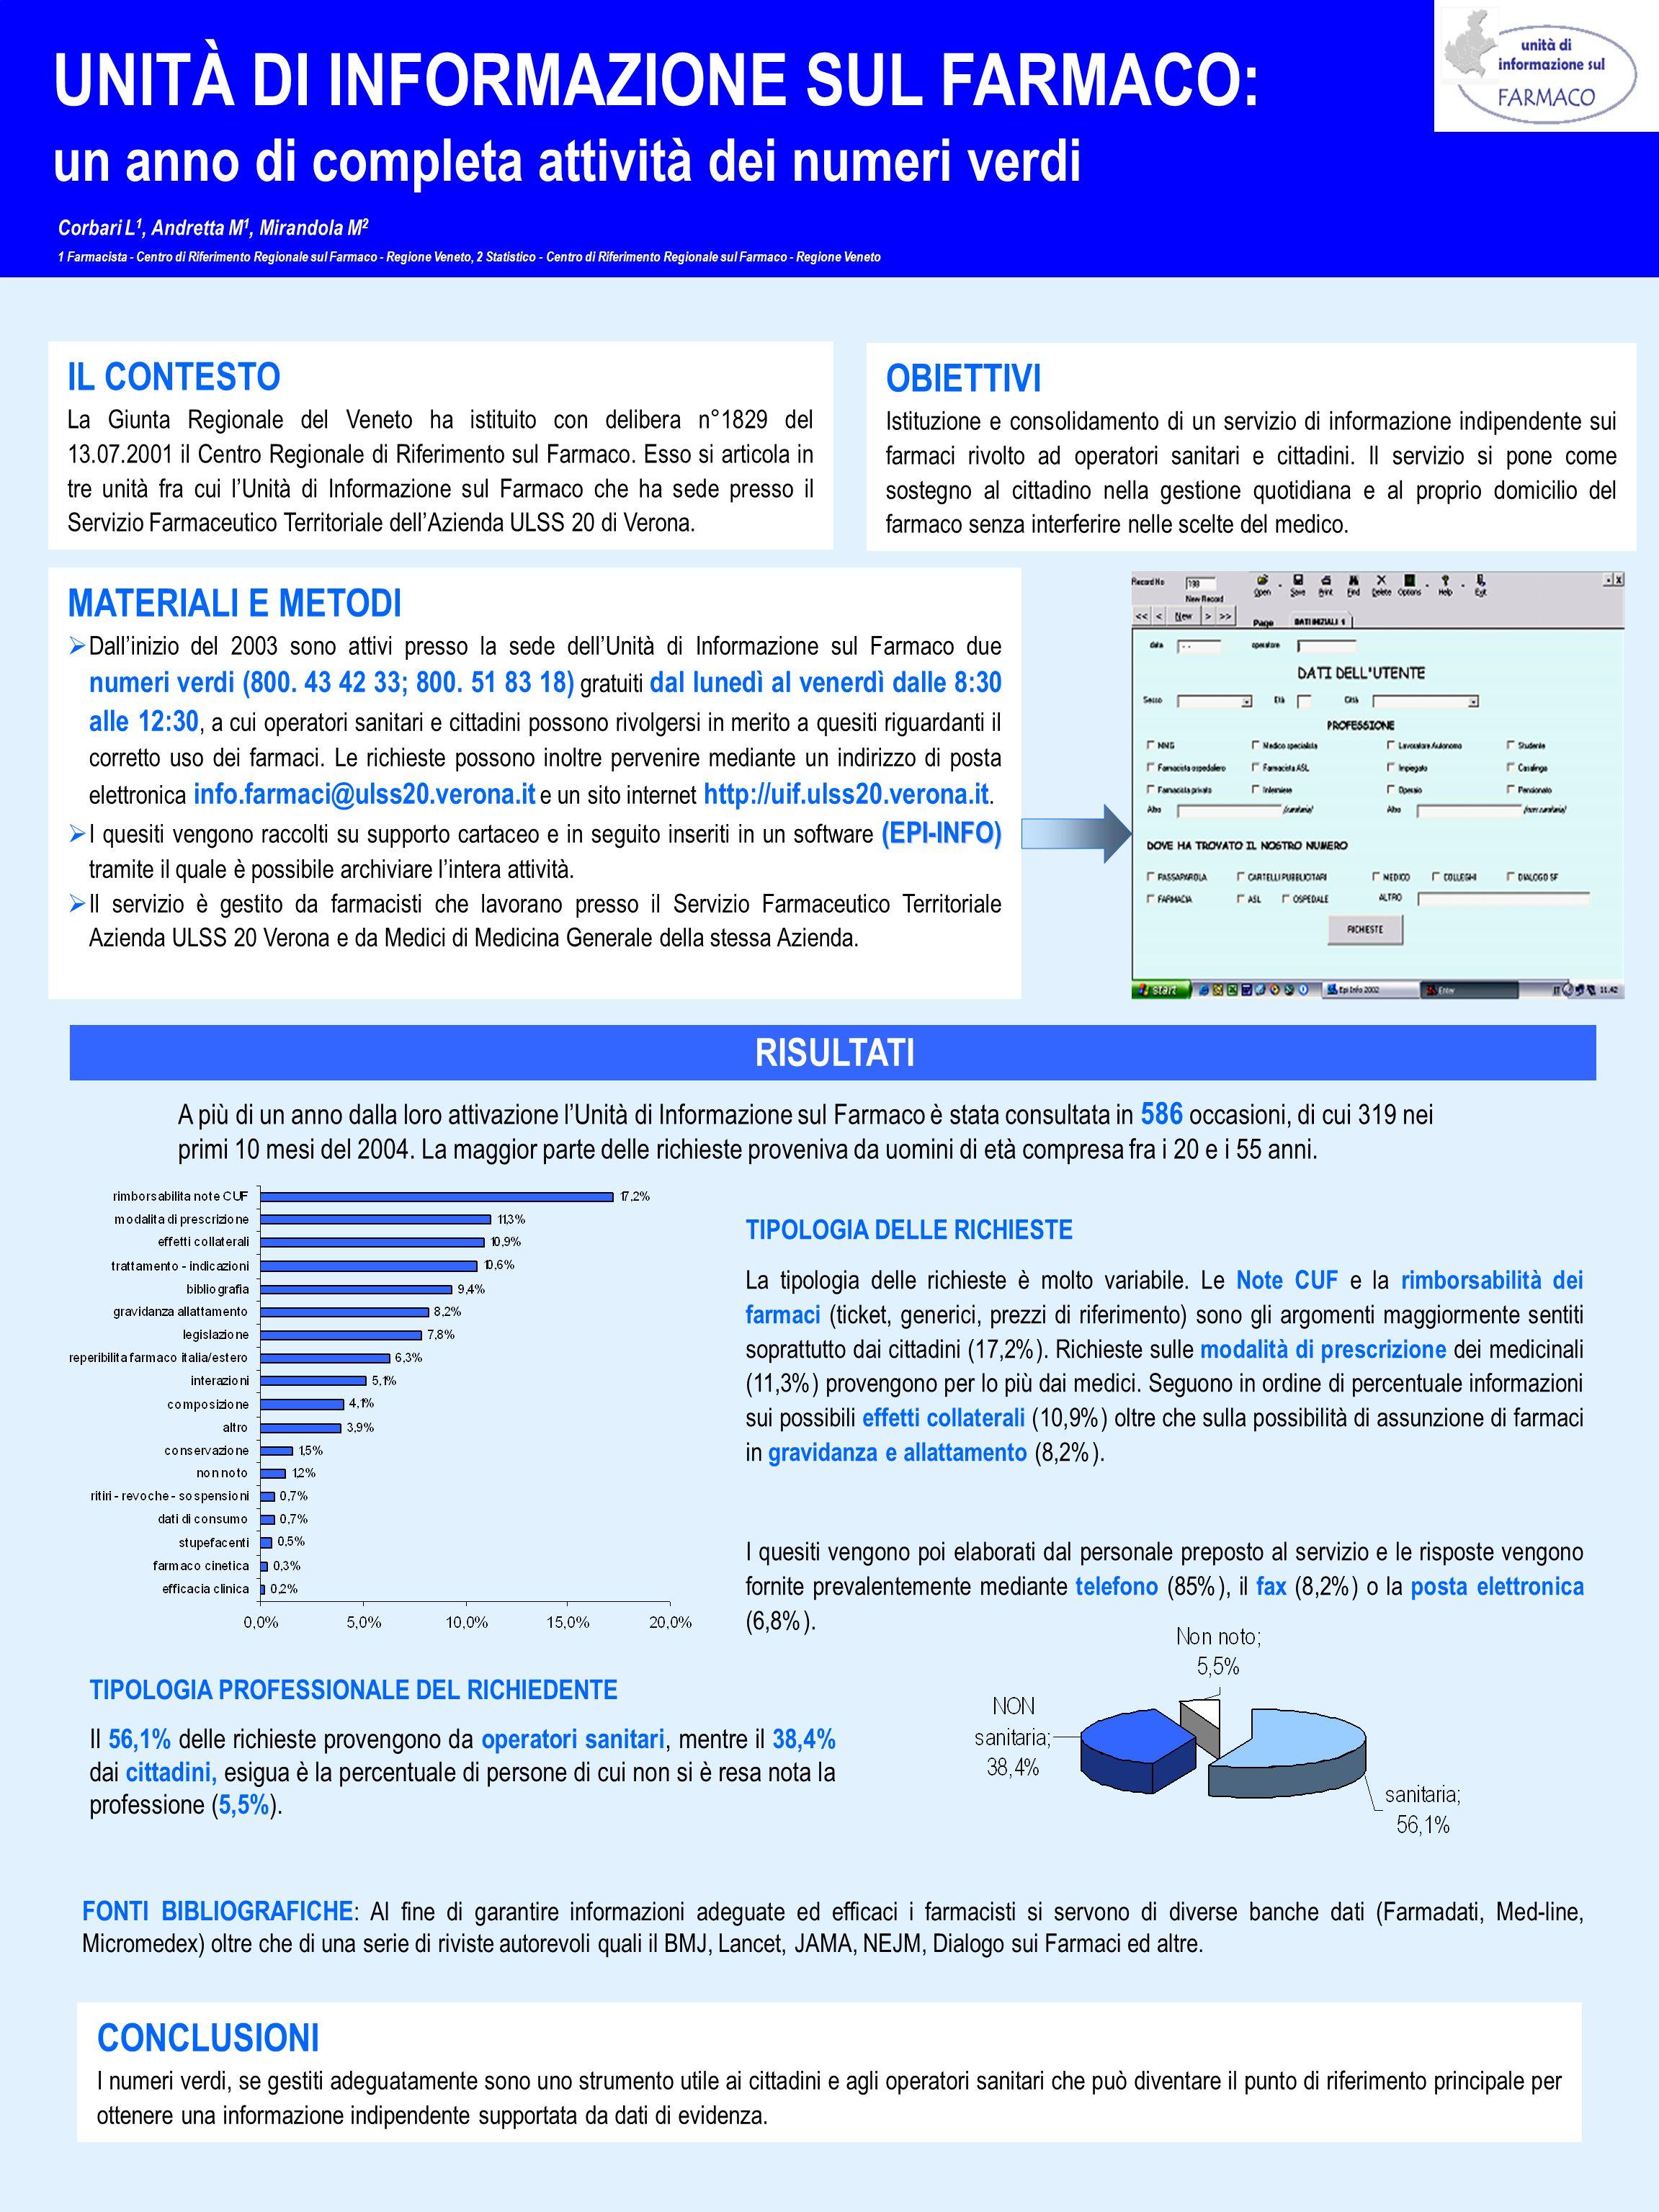 IL CONTESTO La Giunta Regionale del Veneto ha istituito con delibera n°1829 del 13.07.2001 il Centro Regionale di Riferimento sul Farmaco. Esso si art